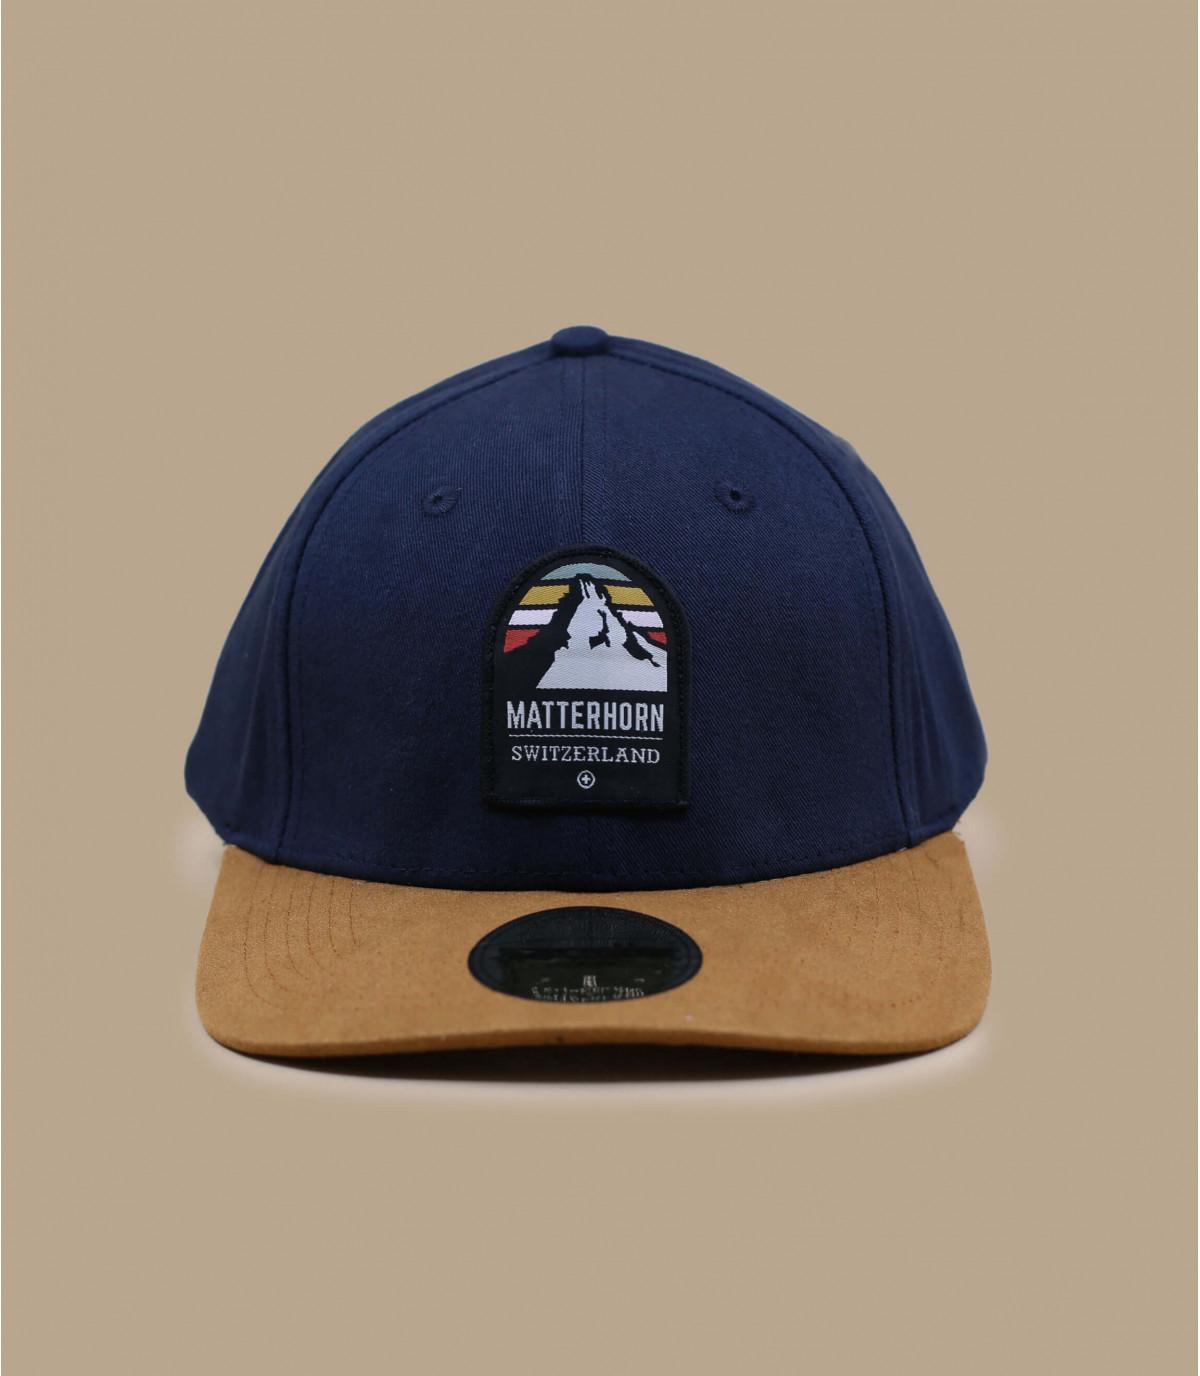 Details Curve Matterhorn navy suede - Abbildung 3